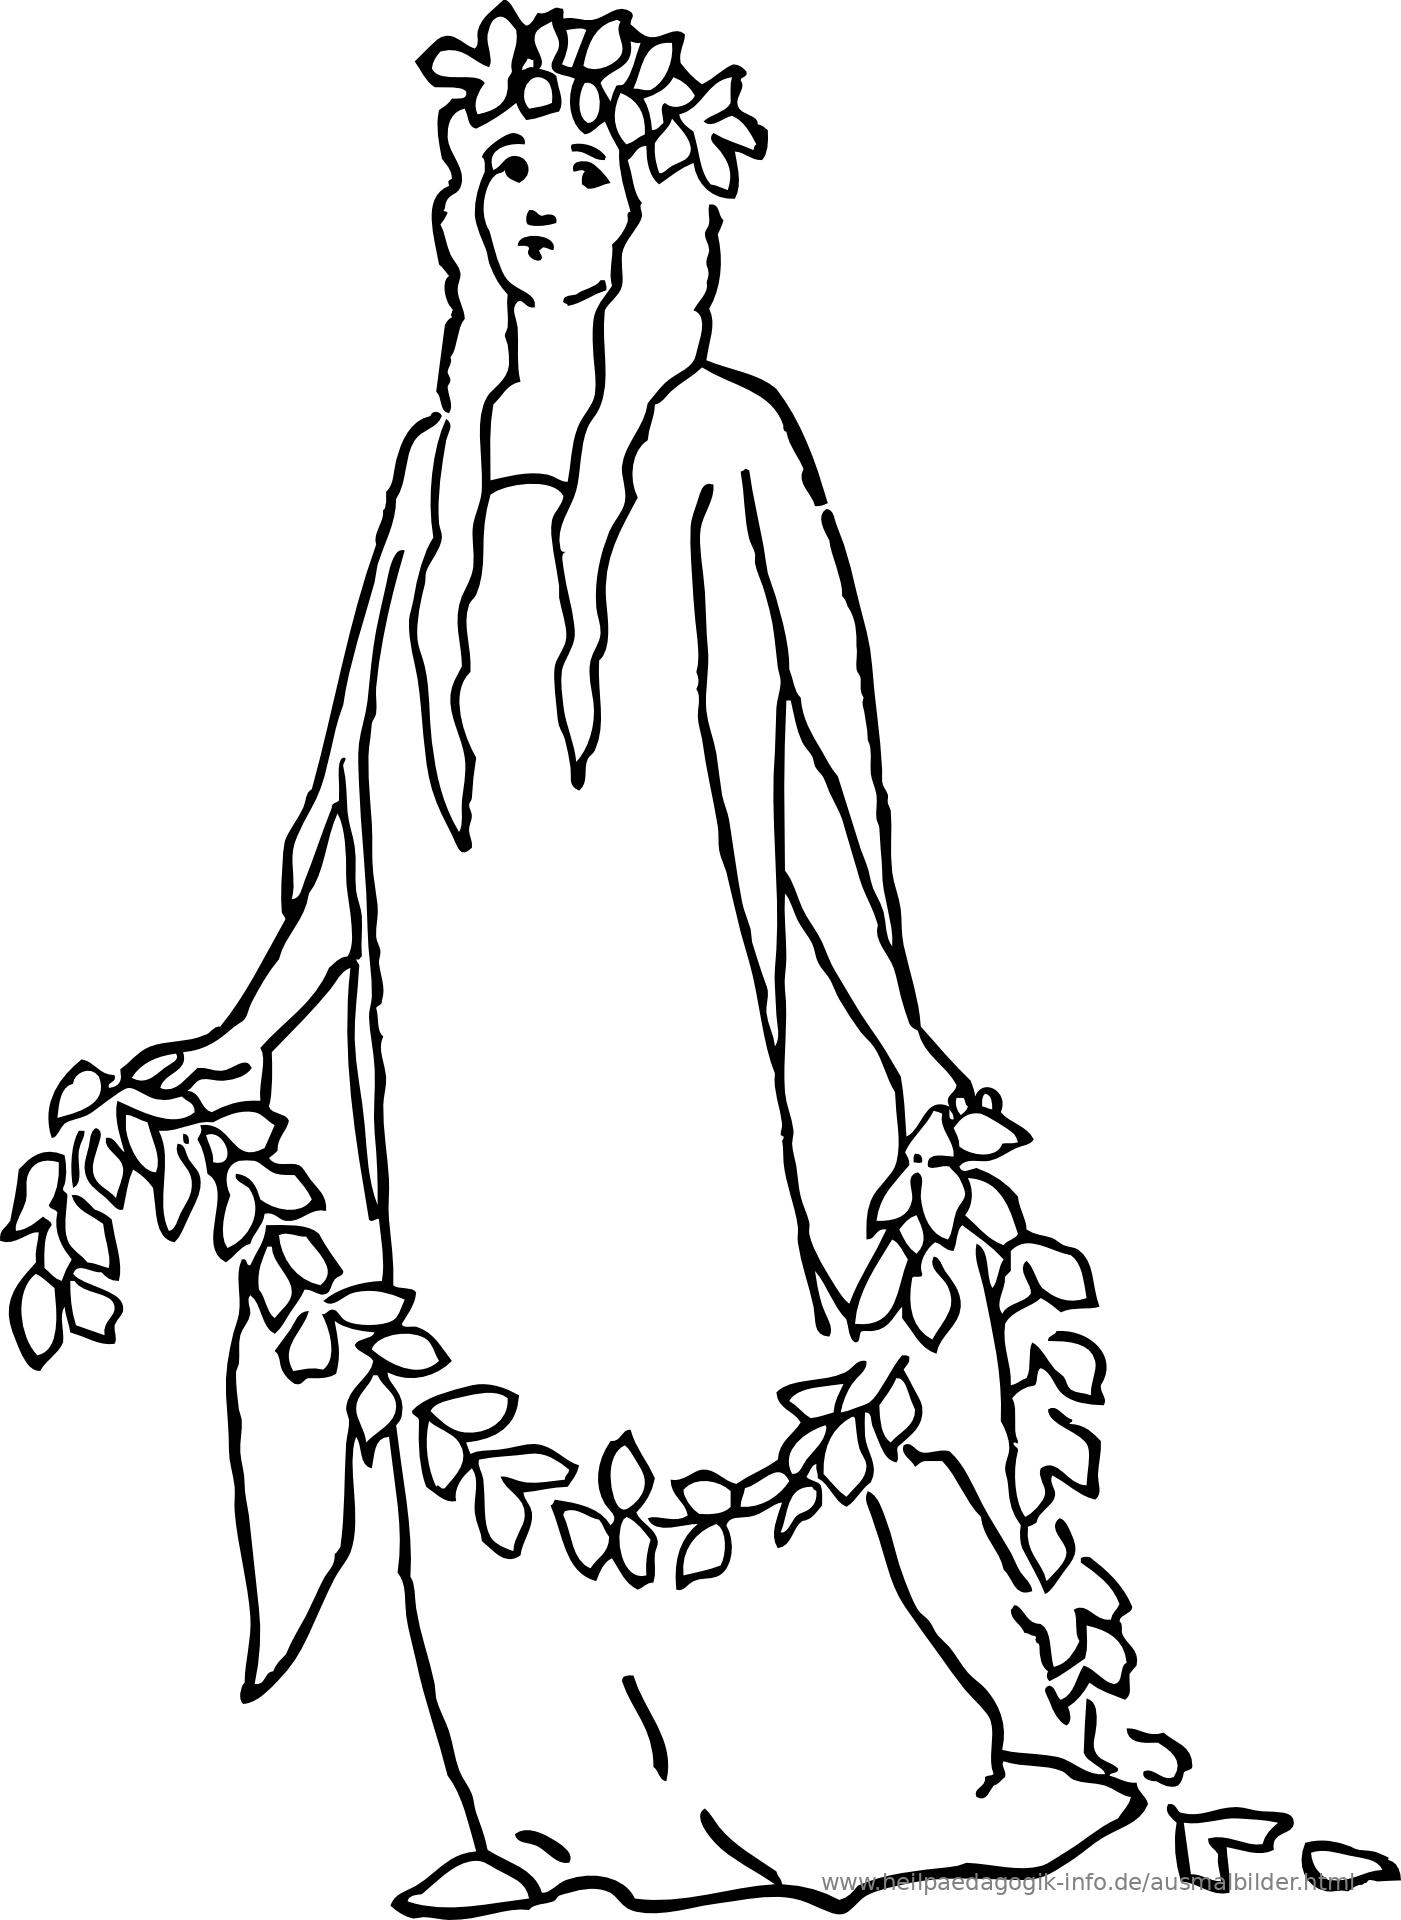 Ausmalbild Prinzessin Als PDF oder PNG anzeigen